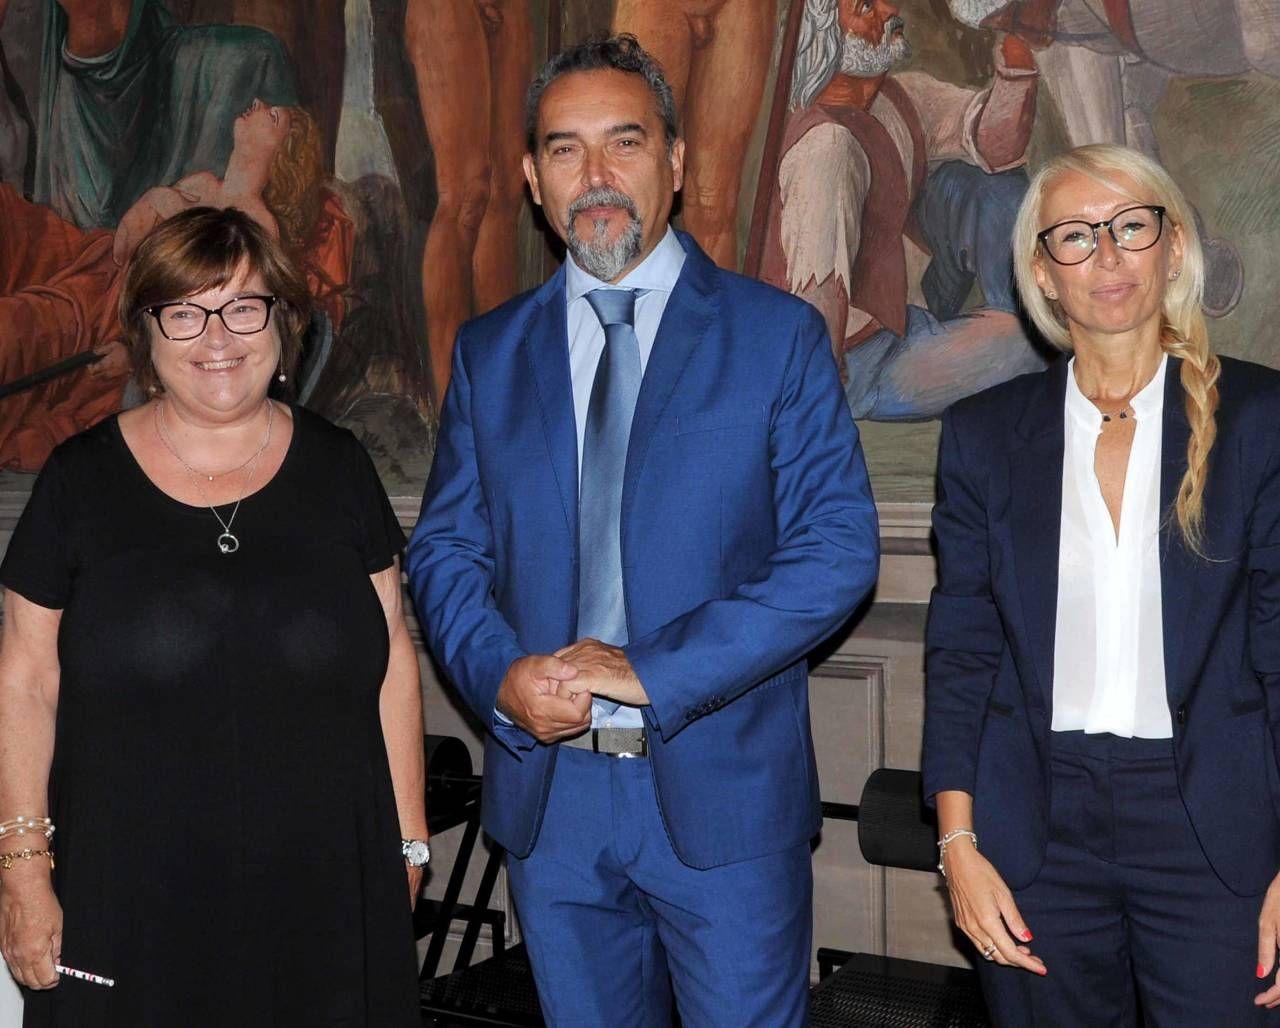 Il CdA di Ferrara Fiere. Da sinistra Donatella Zuffoli, Andrea Moretti (presidente) e Silvia Paparella